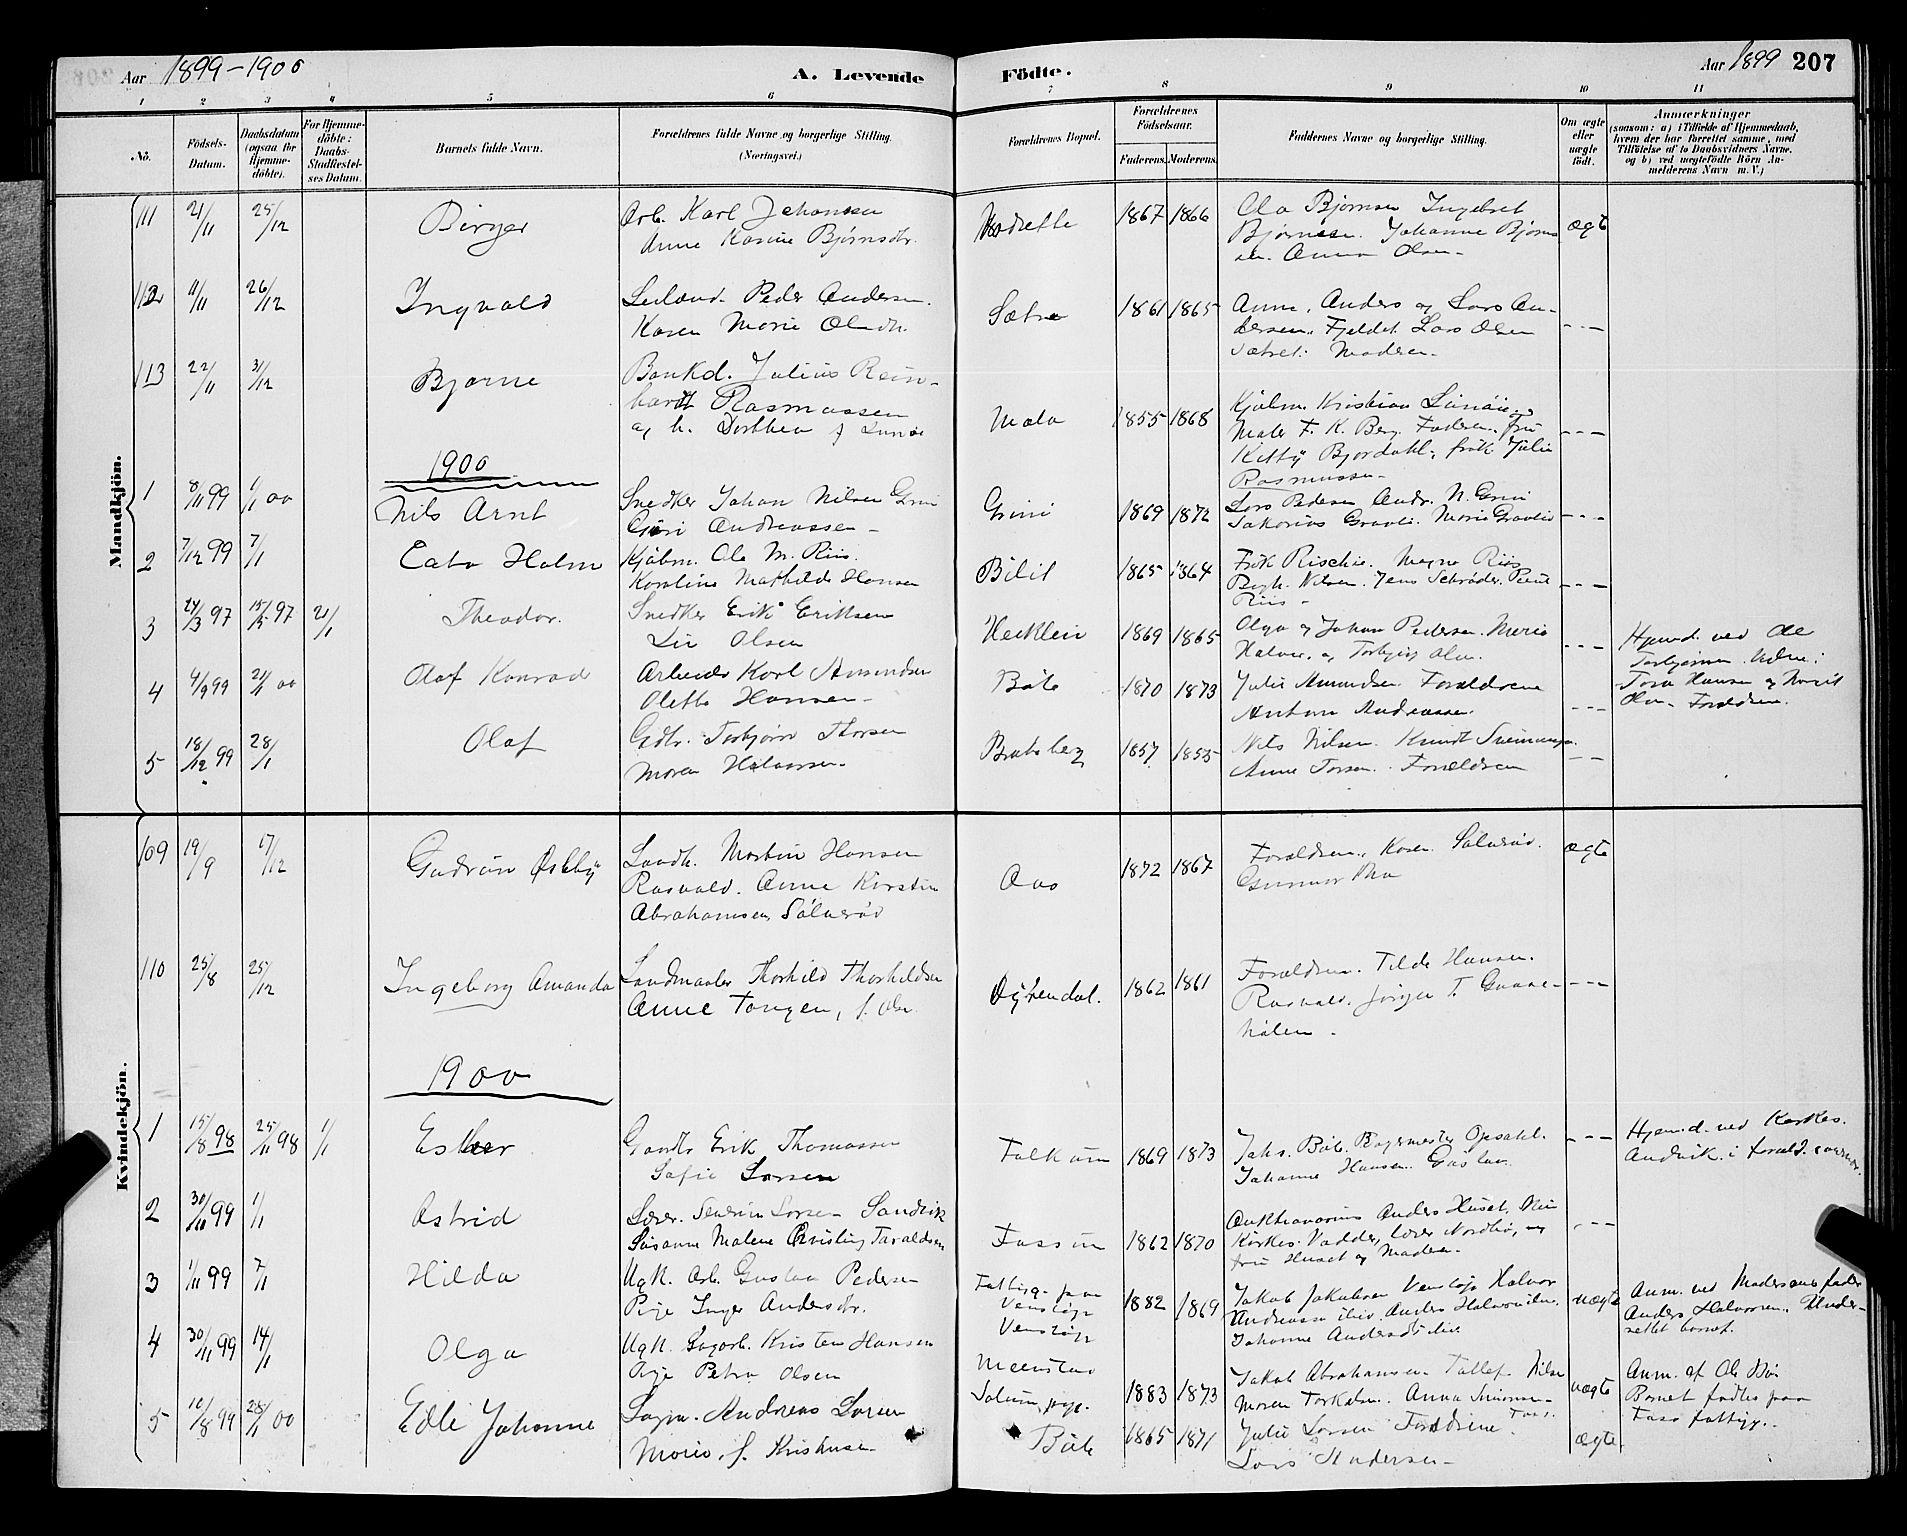 SAKO, Gjerpen kirkebøker, G/Ga/L0002: Klokkerbok nr. I 2, 1883-1900, s. 207